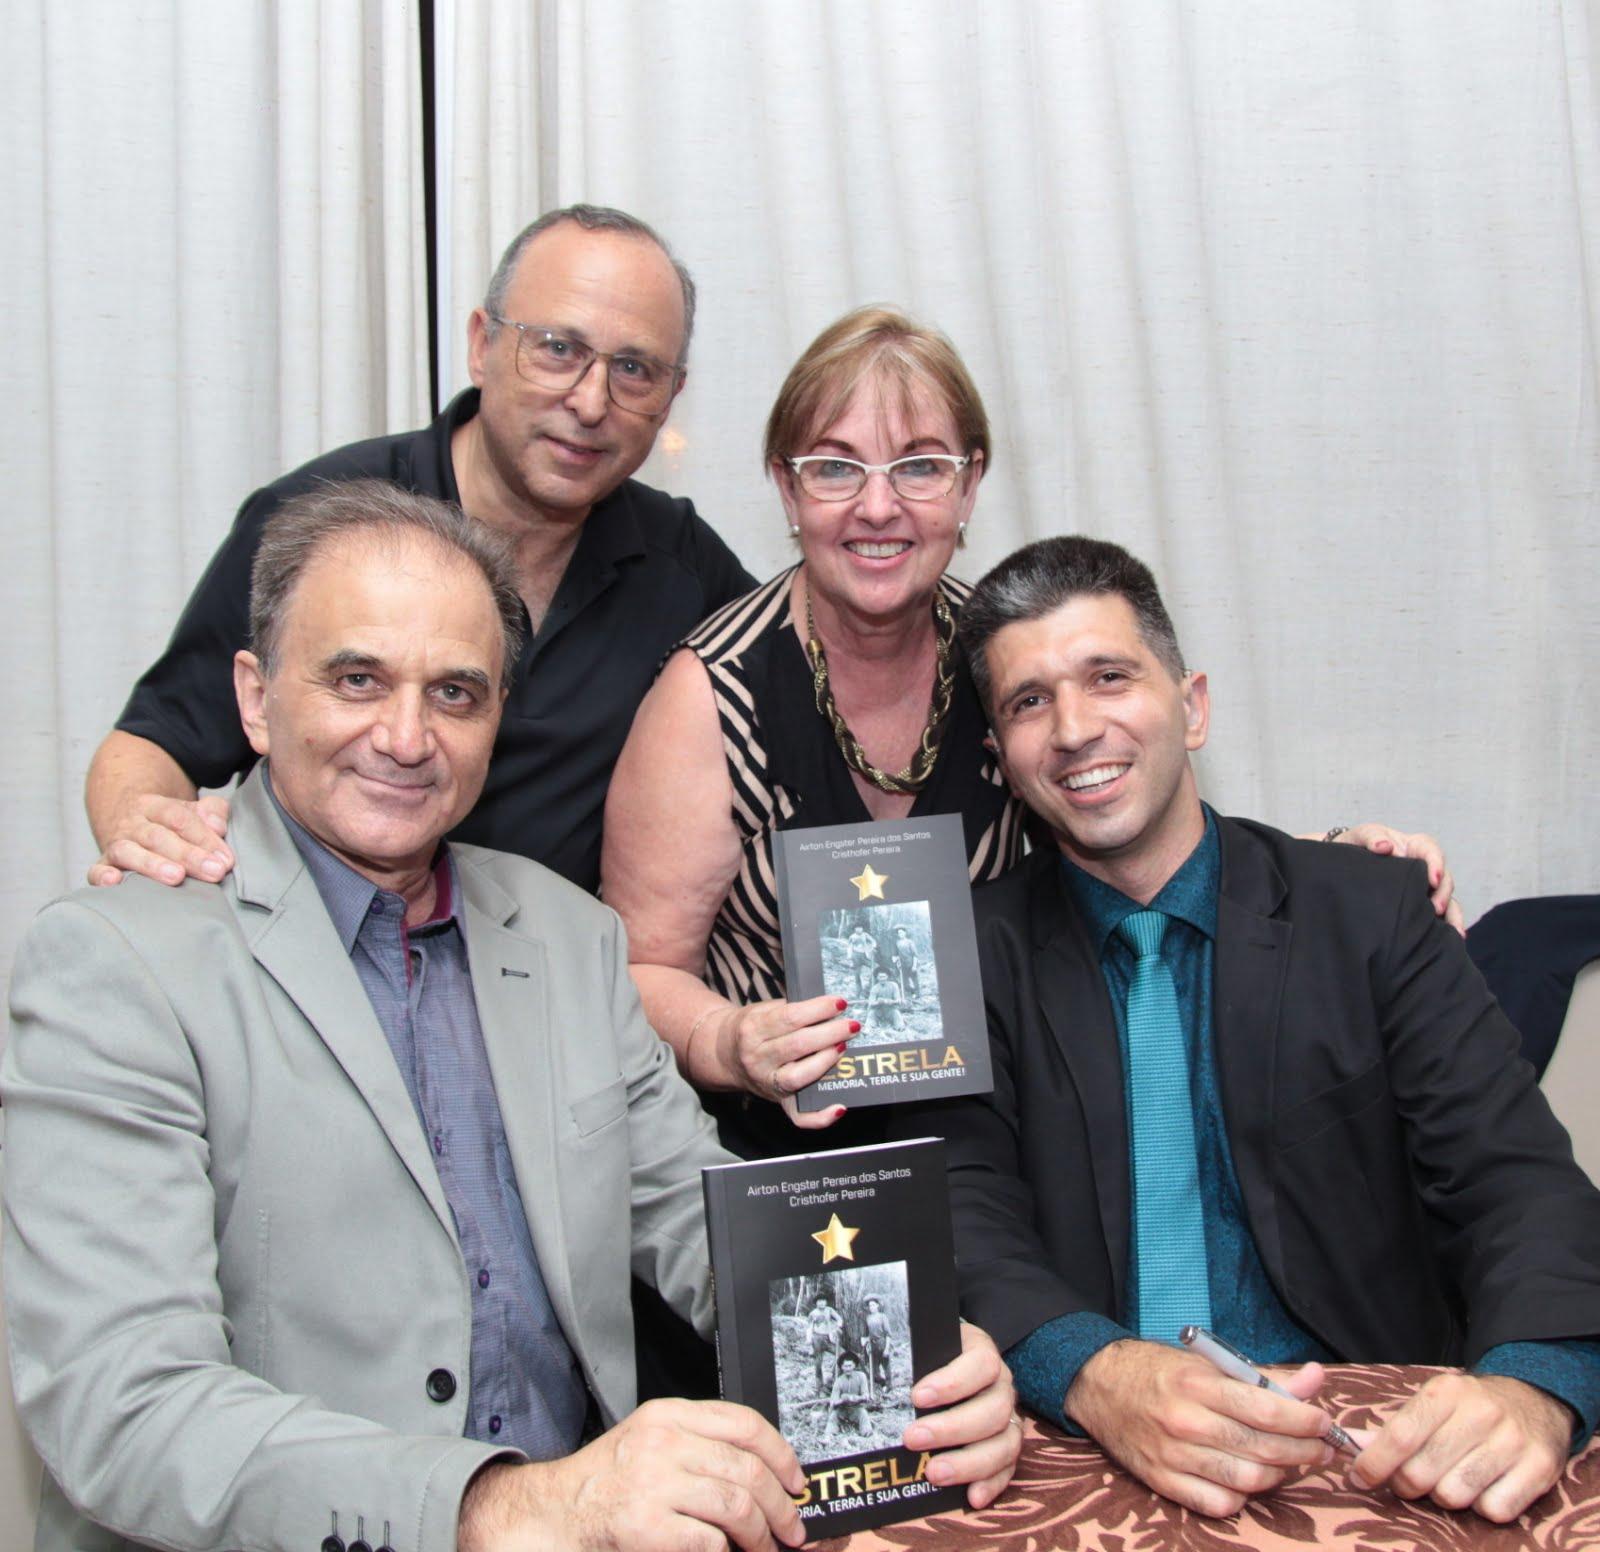 Airton Engster dos Santos, Antônio Veloso, Roseli Veloso e Cristhofer Pereira